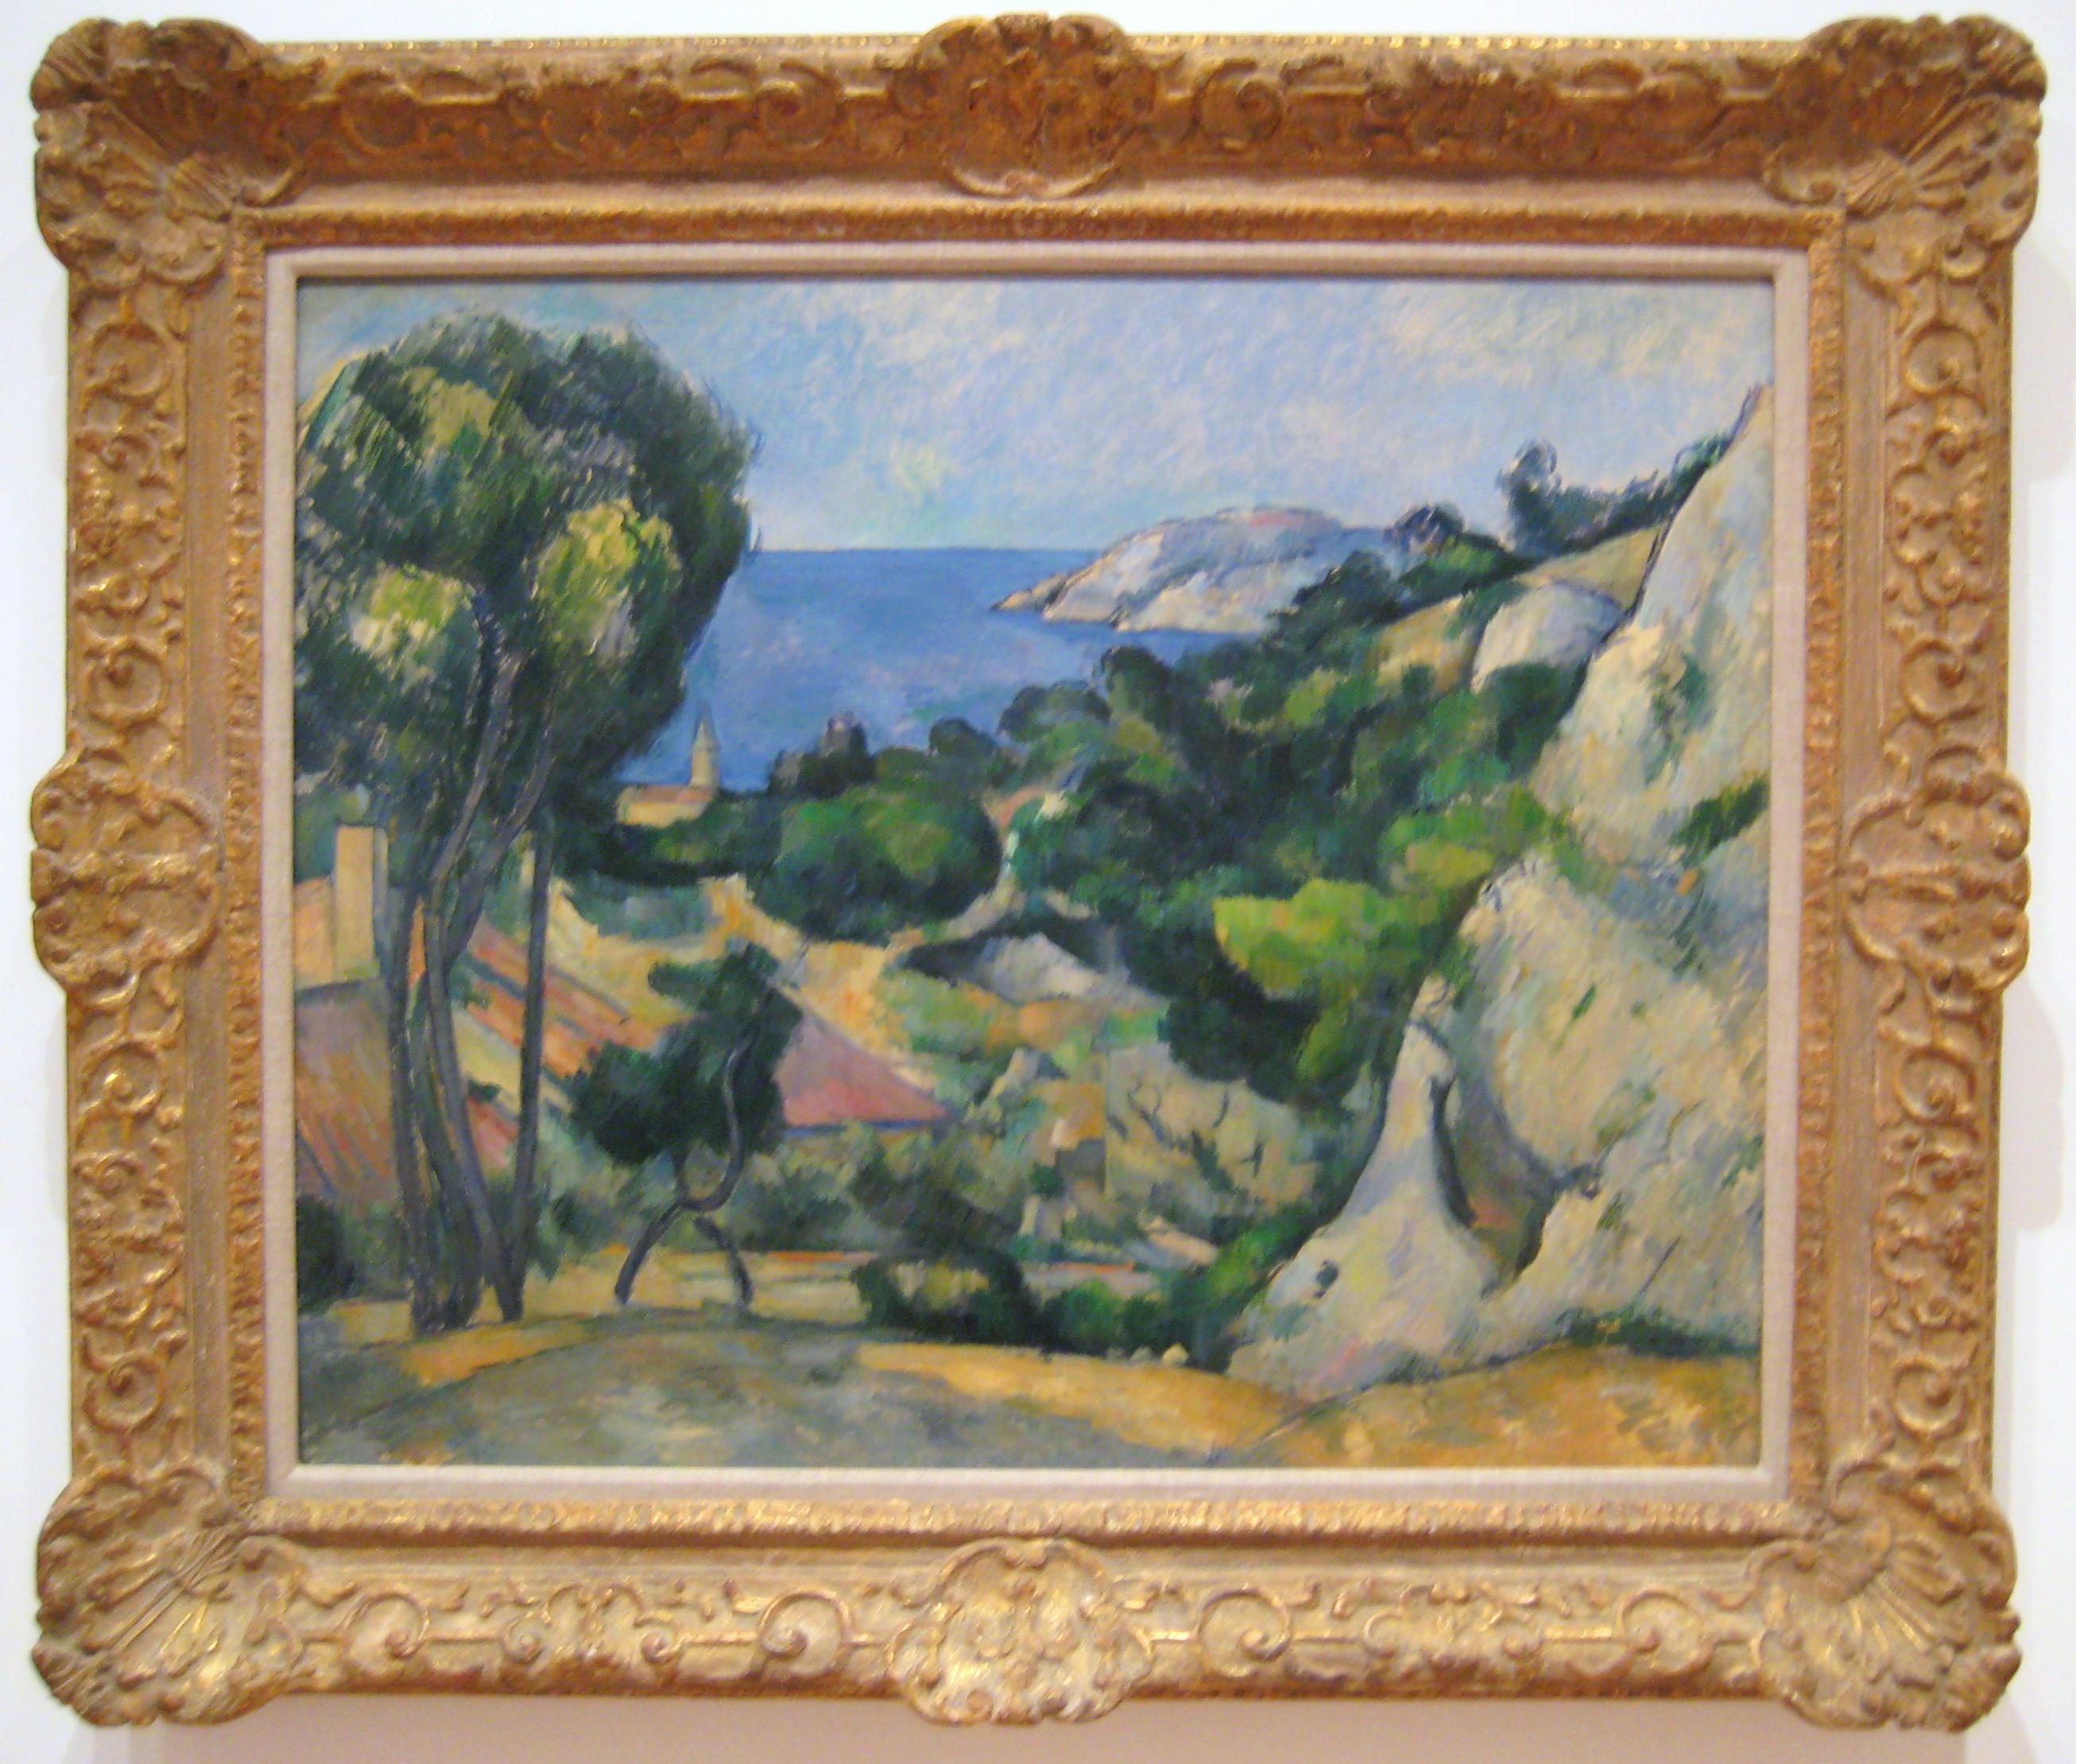 Paul Cézanne: L'Estaque (1879-83)